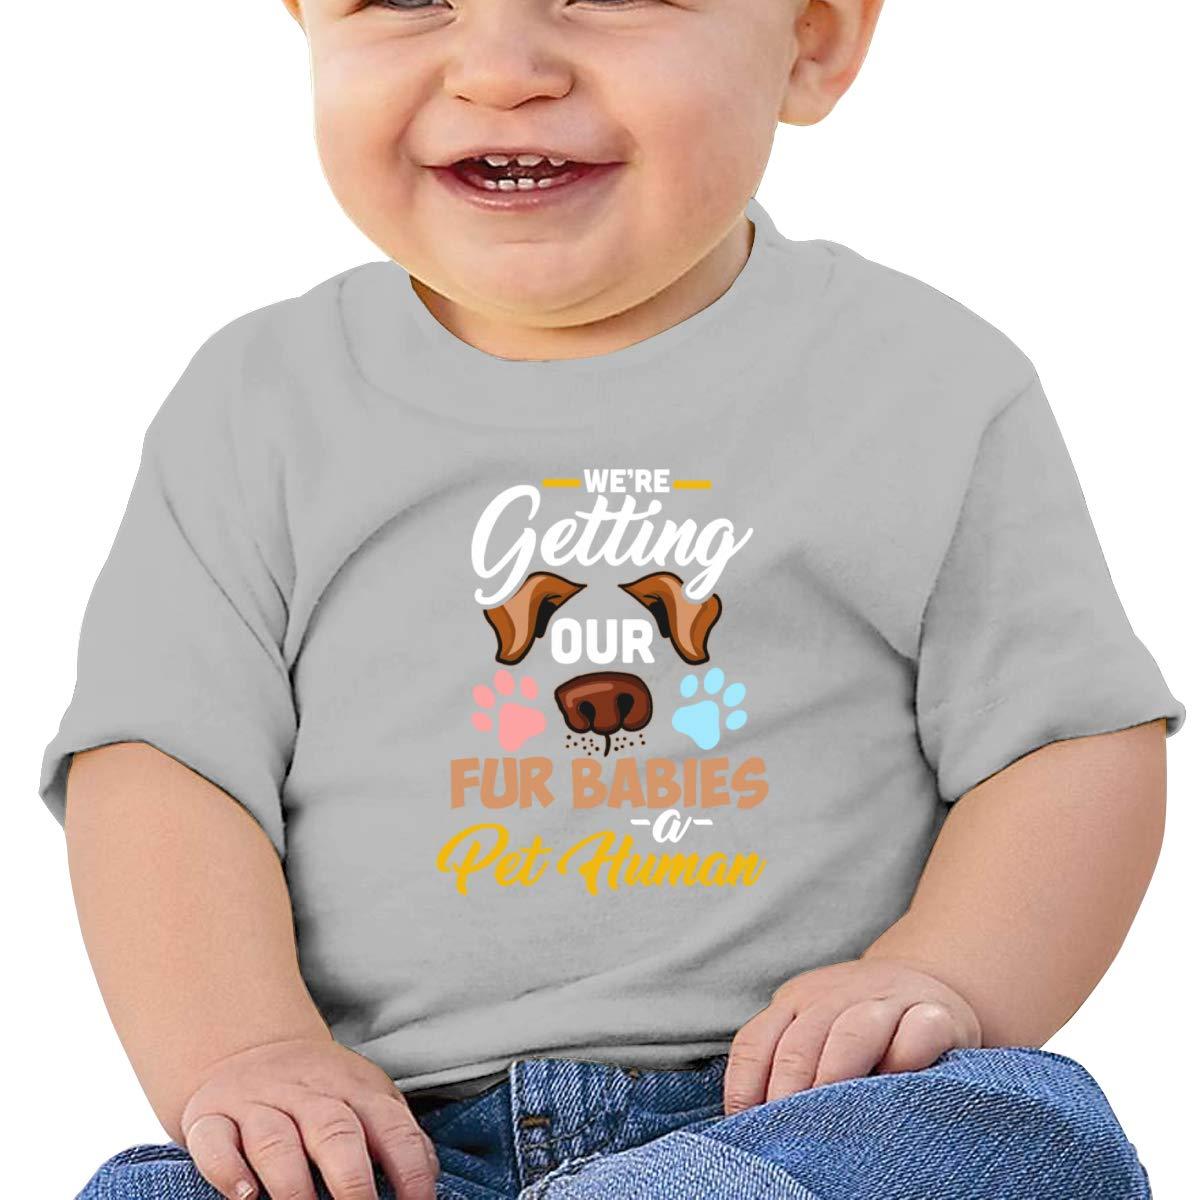 Were Getting Our Fur Babies A Pet Human Toddler Short Sleeve Shirt Girls Gift